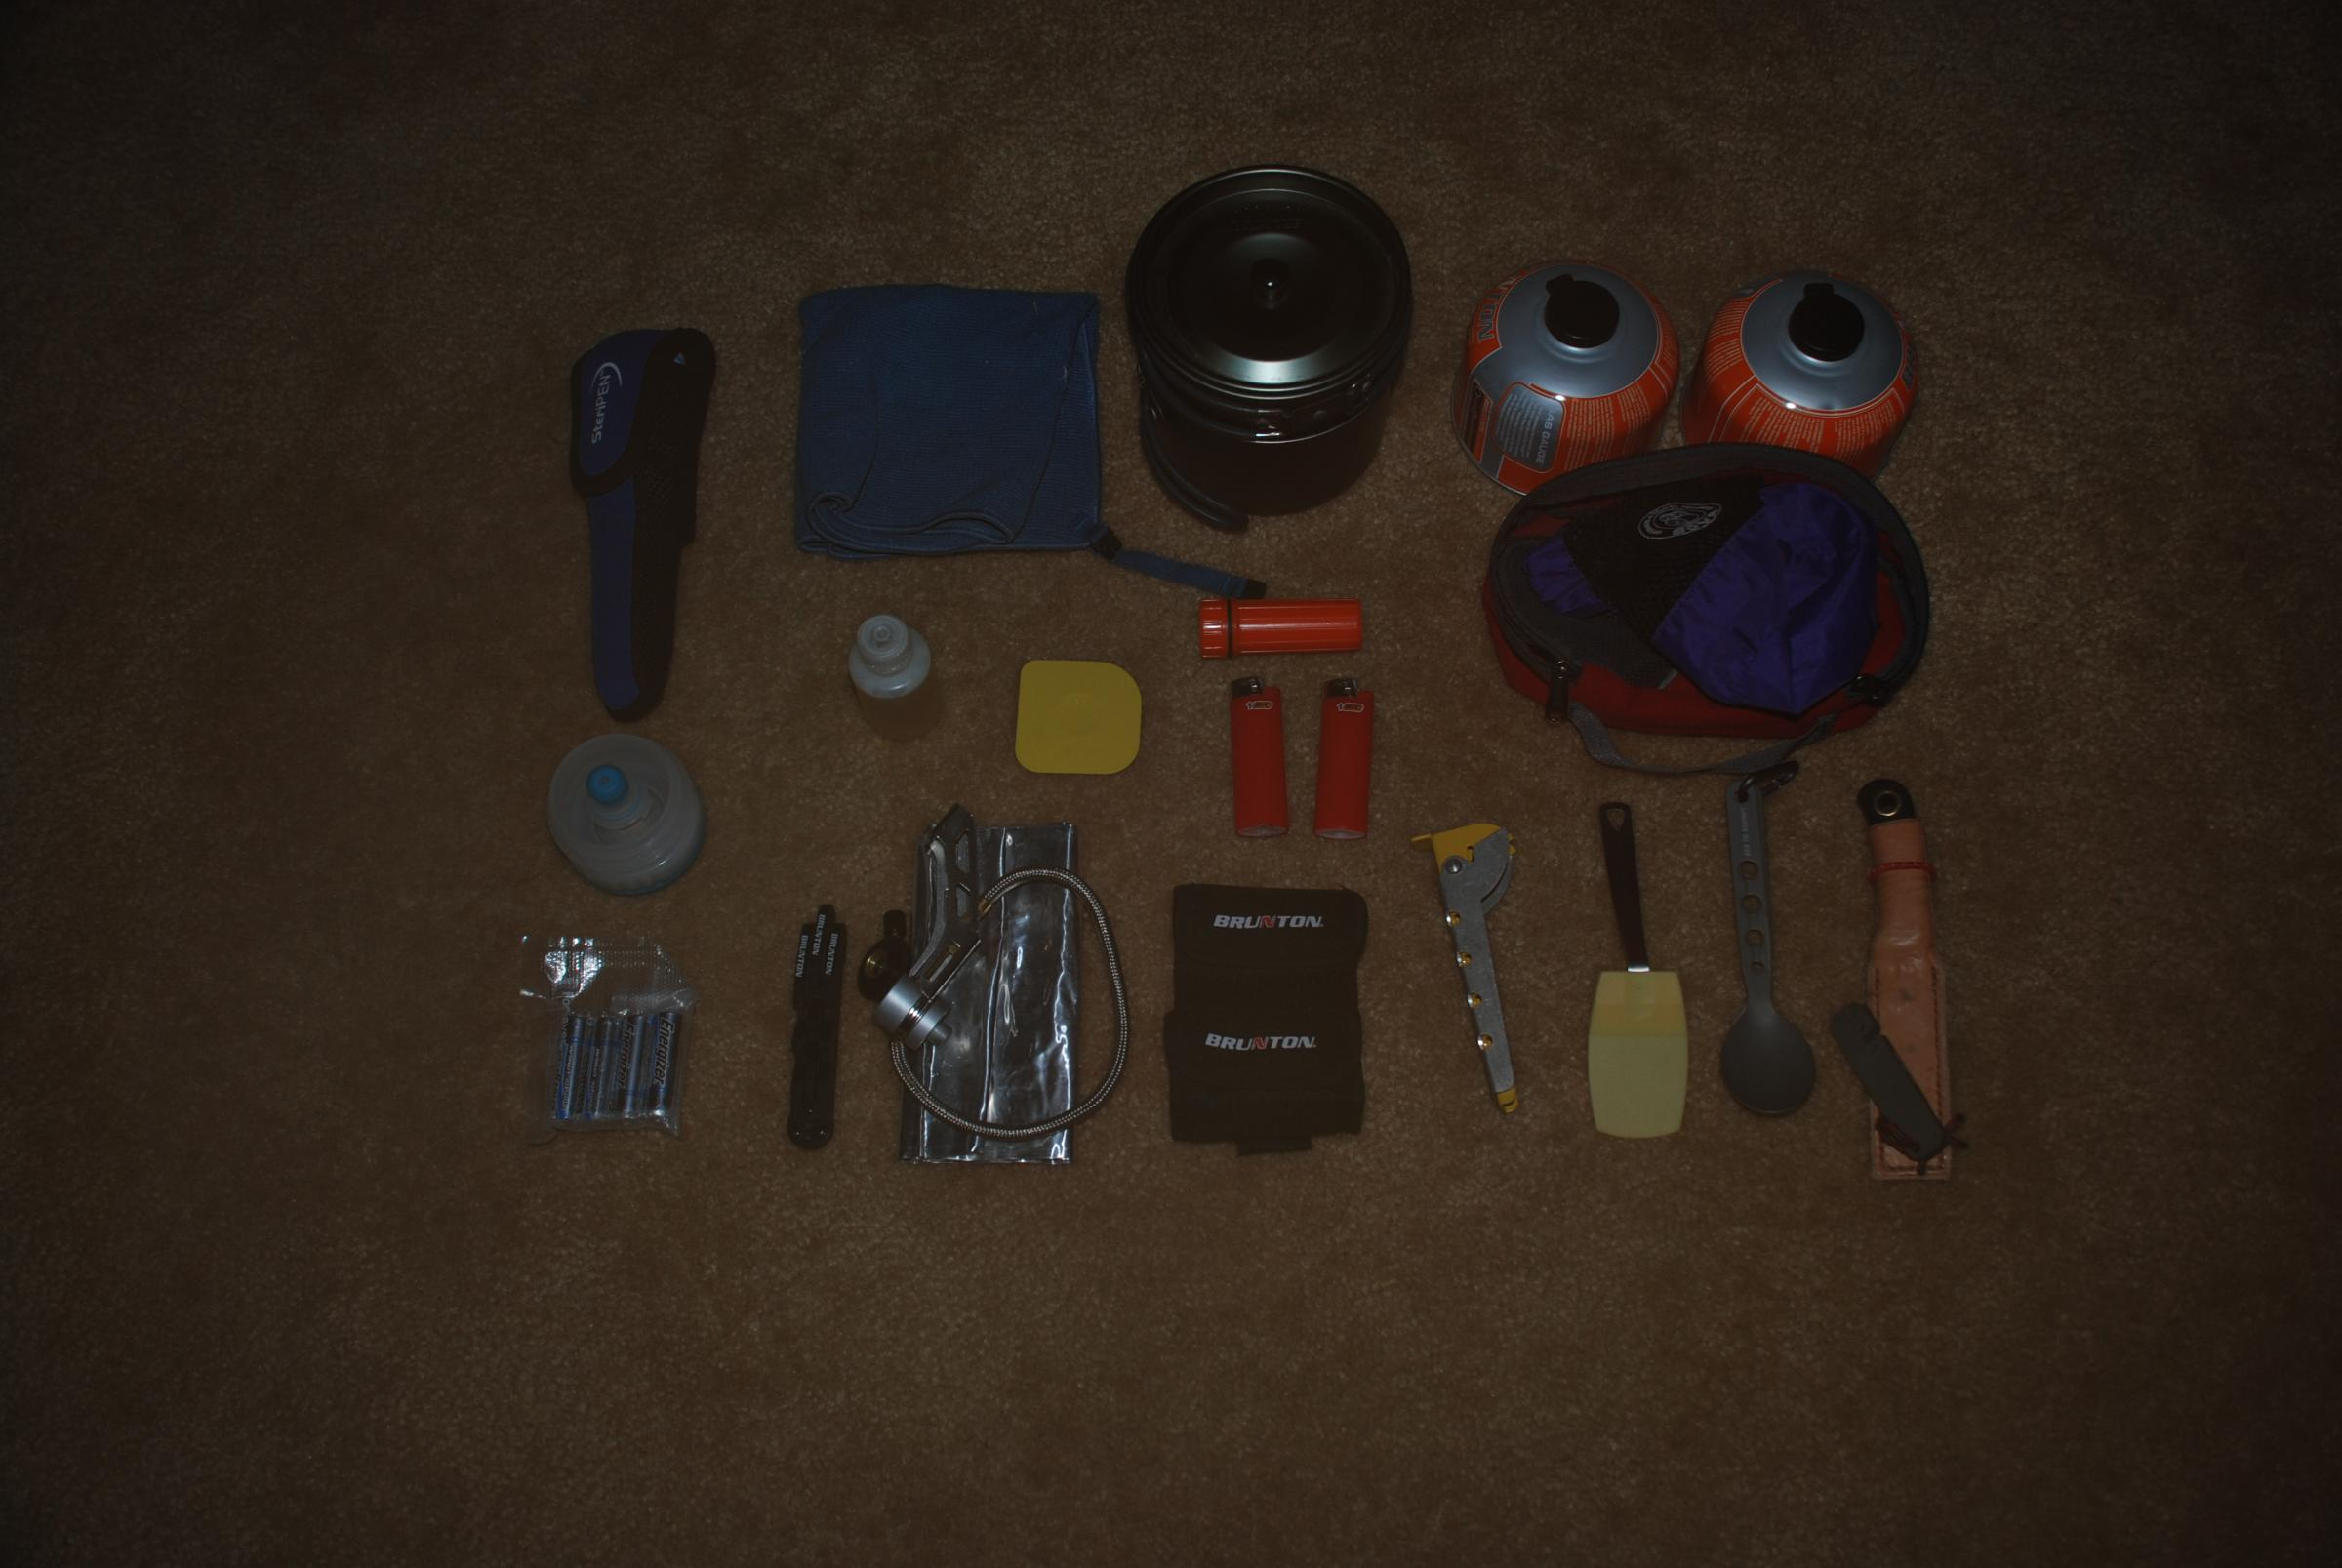 Cook kit